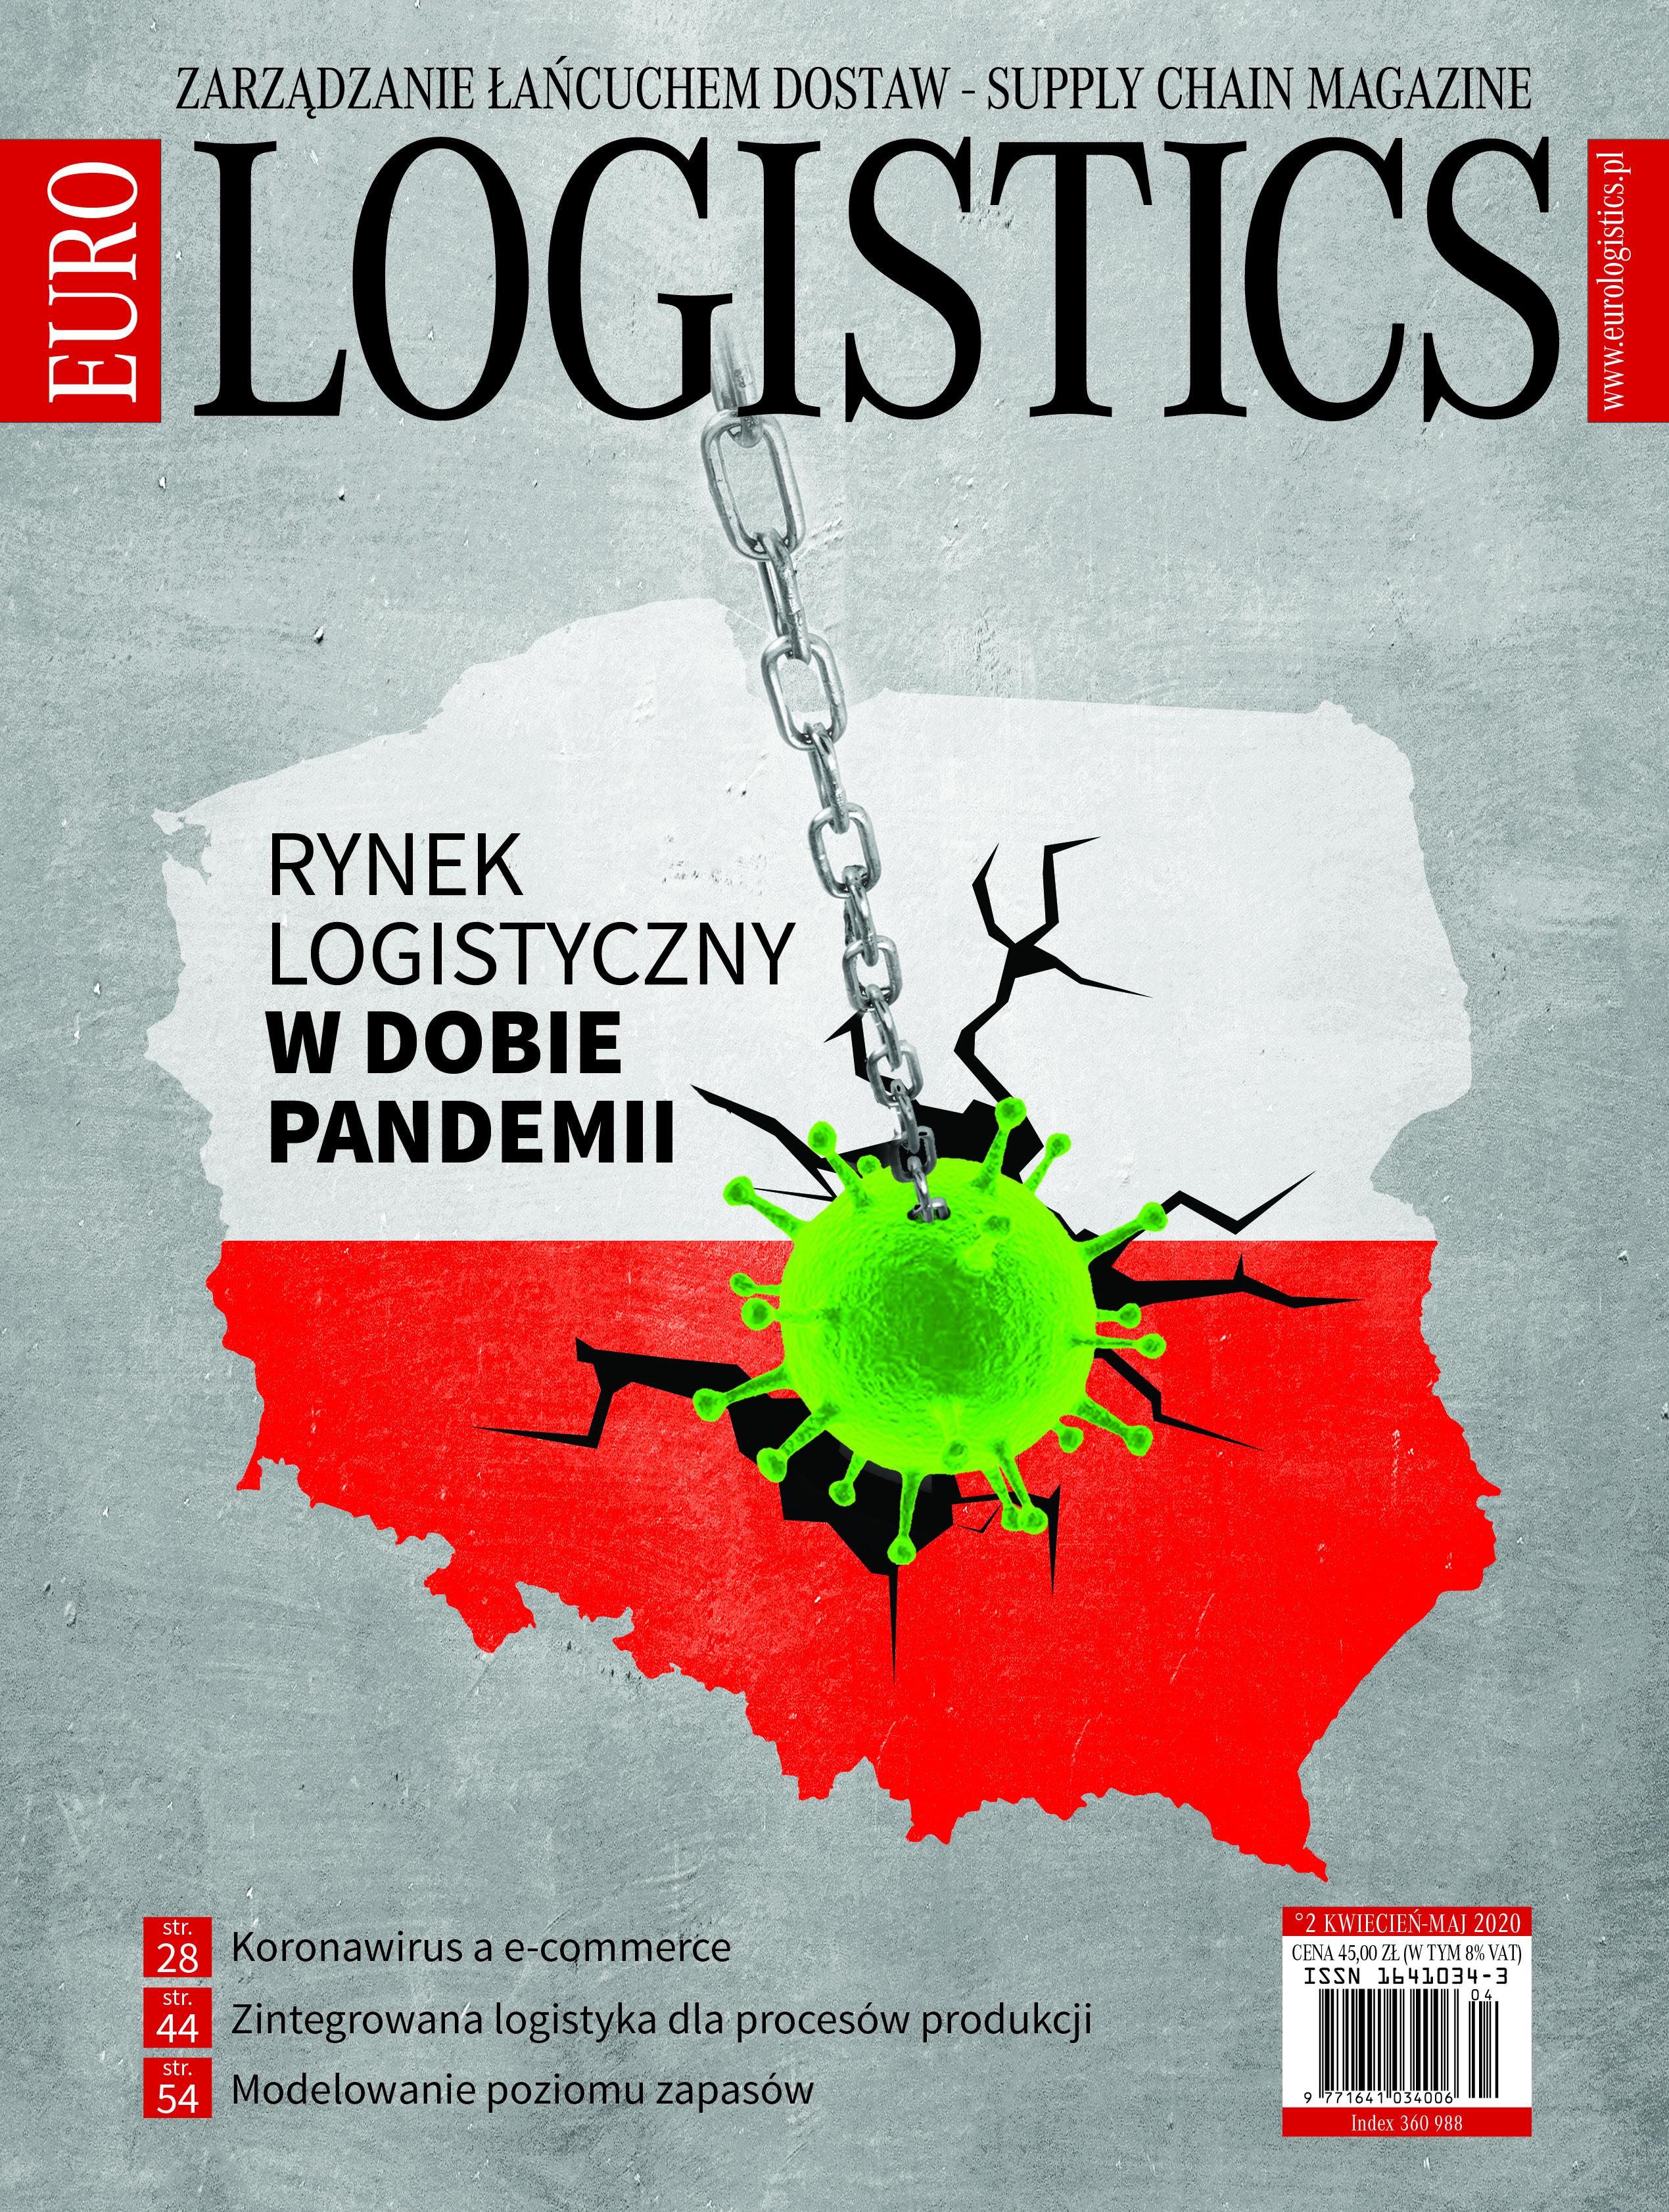 Rynek logistyczny w dobie pandemii